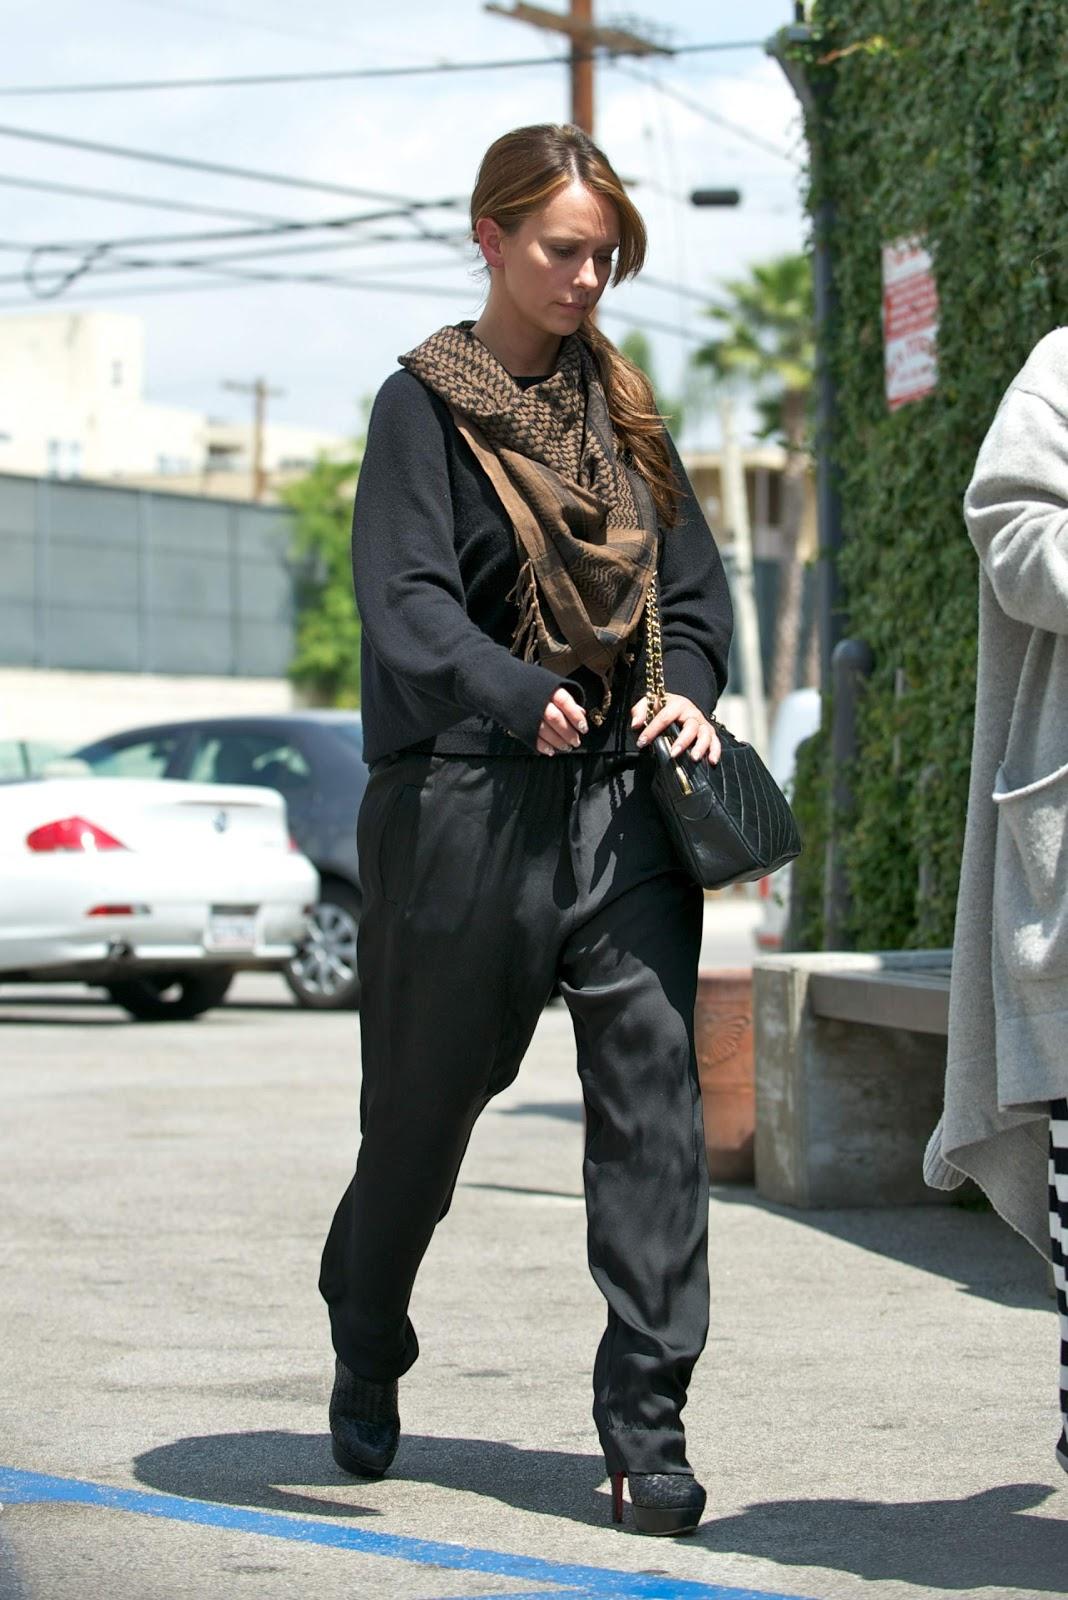 http://1.bp.blogspot.com/-DGcOw8EZ1ak/TbS-htiSKRI/AAAAAAAAAUs/a0OxdHz-ubk/s1600/Jennifer-Love-Hewitt-weight-gain%253F.jpg